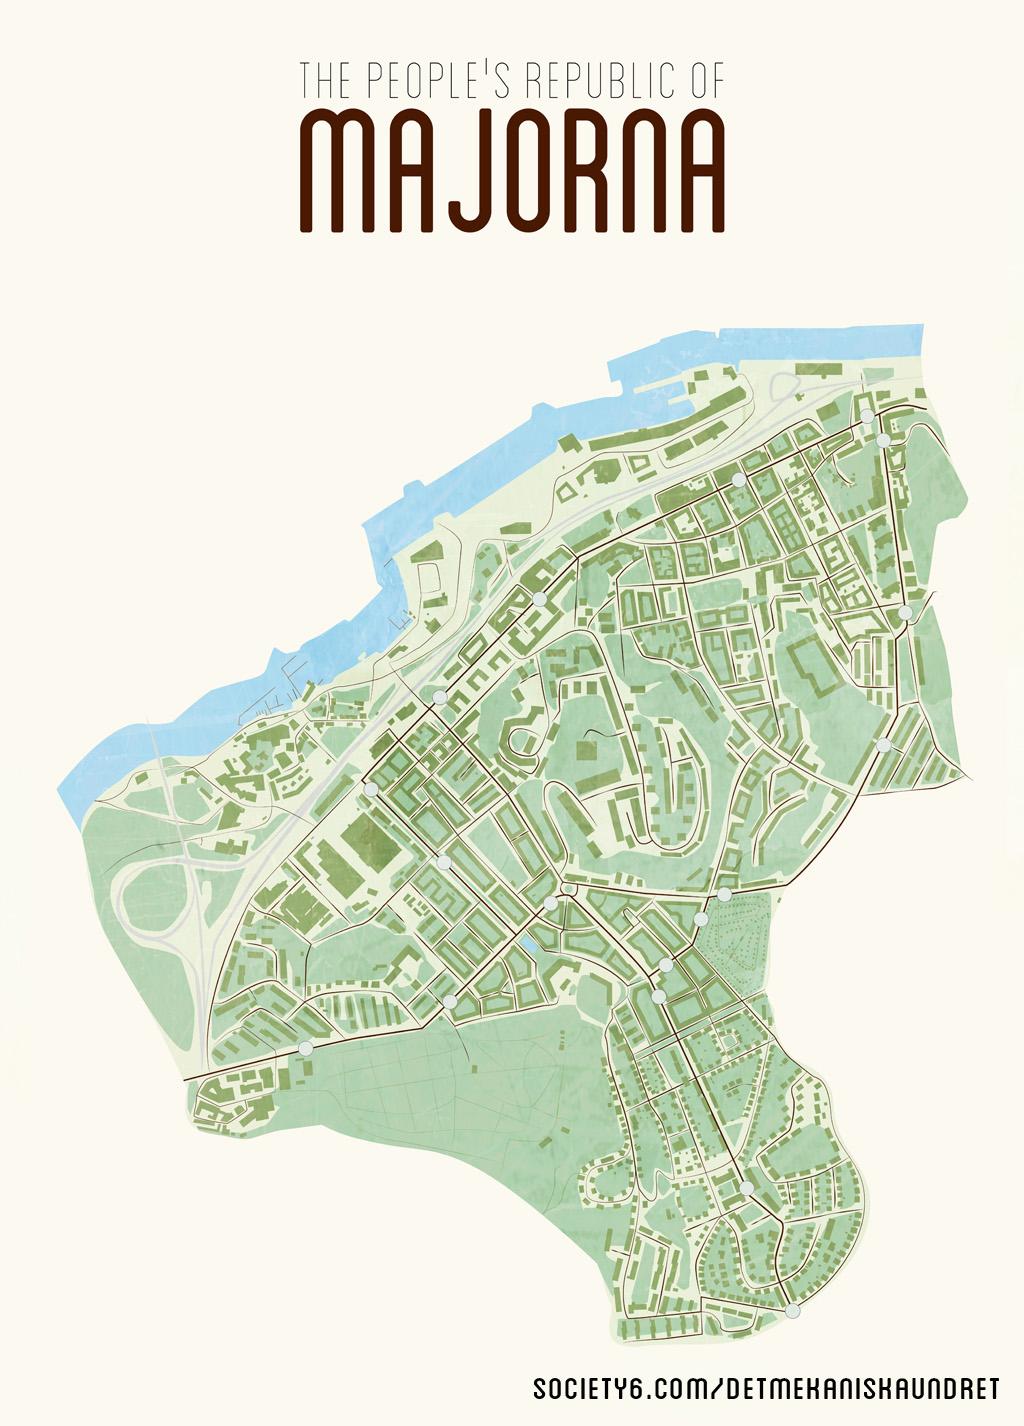 majorna göteborg karta Det mekaniska undret: The people's republic of Majorna majorna göteborg karta